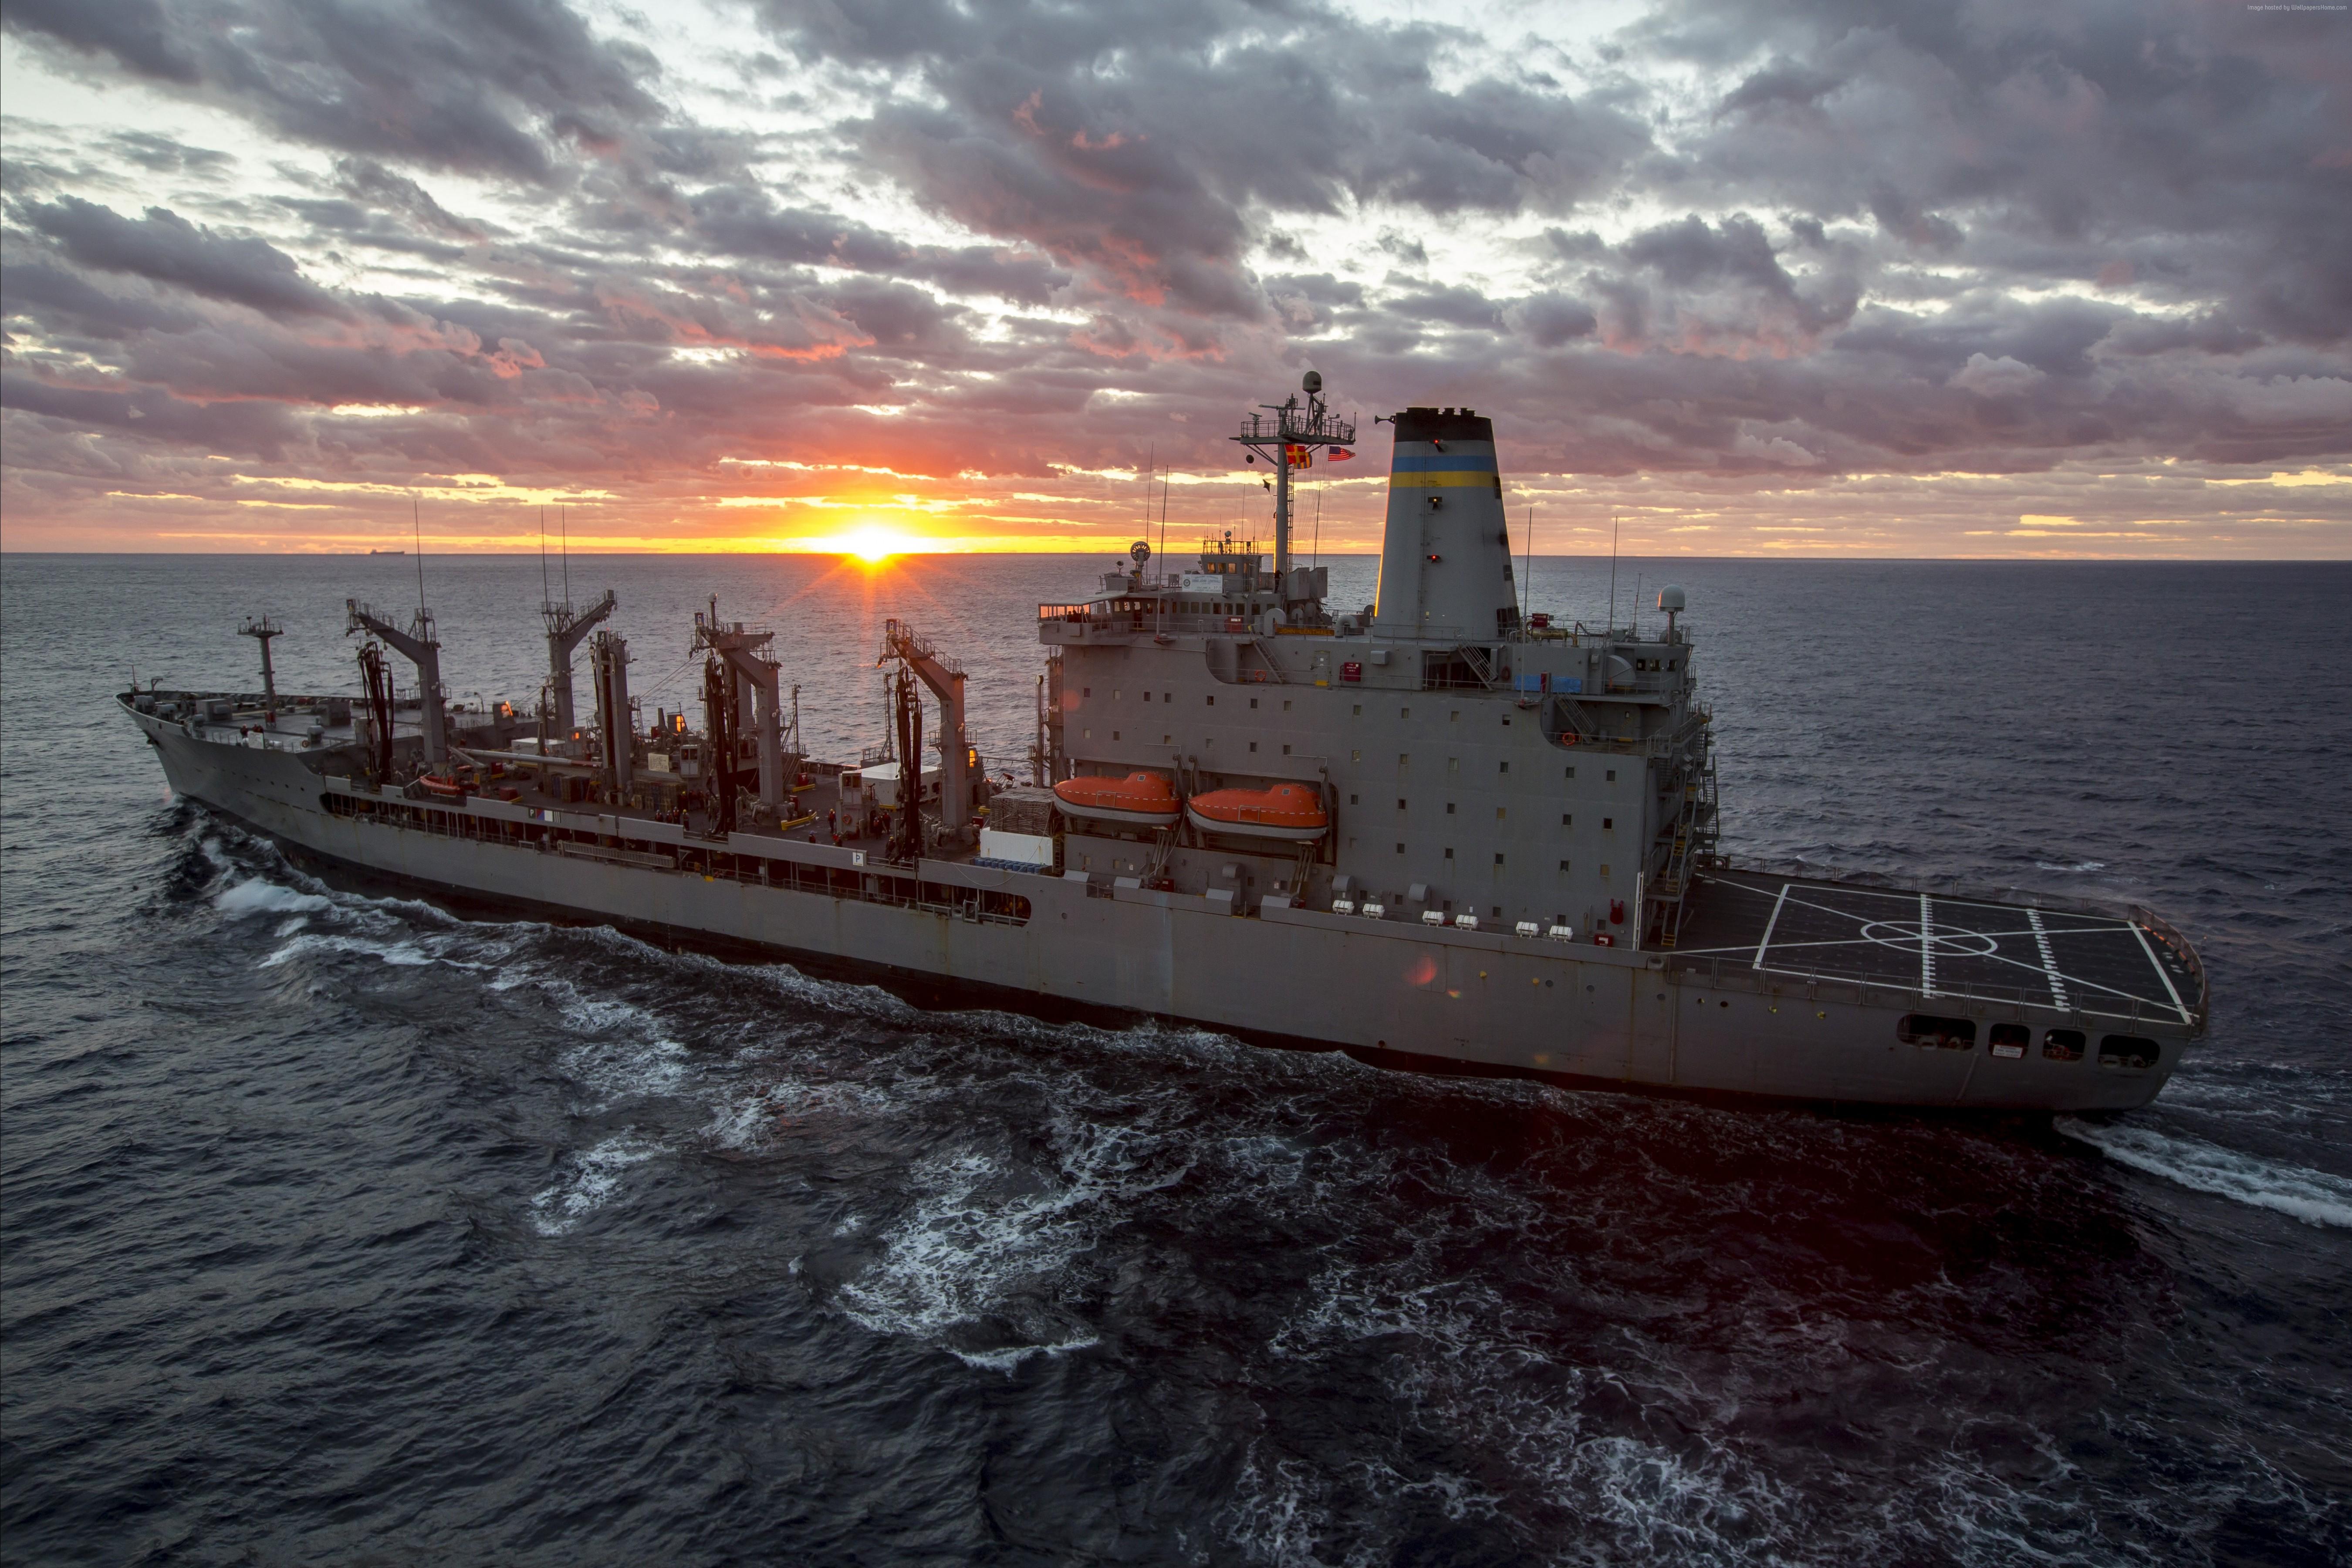 фото морских судов для рабочего стола товаров